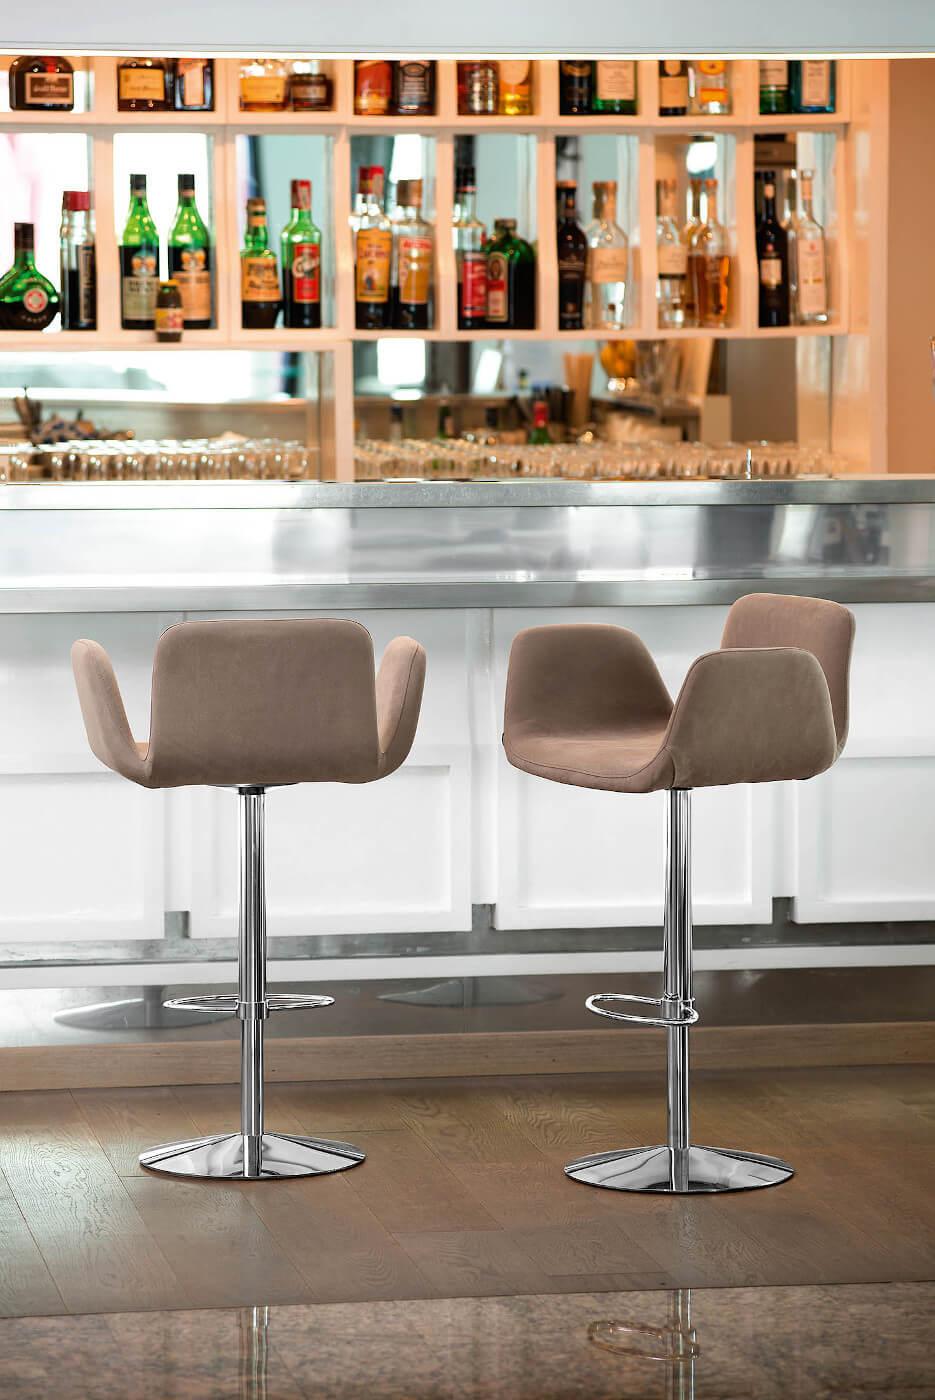 Tabouret de bar Light avec assise en simili cuir beige et piètement pivotant en métal